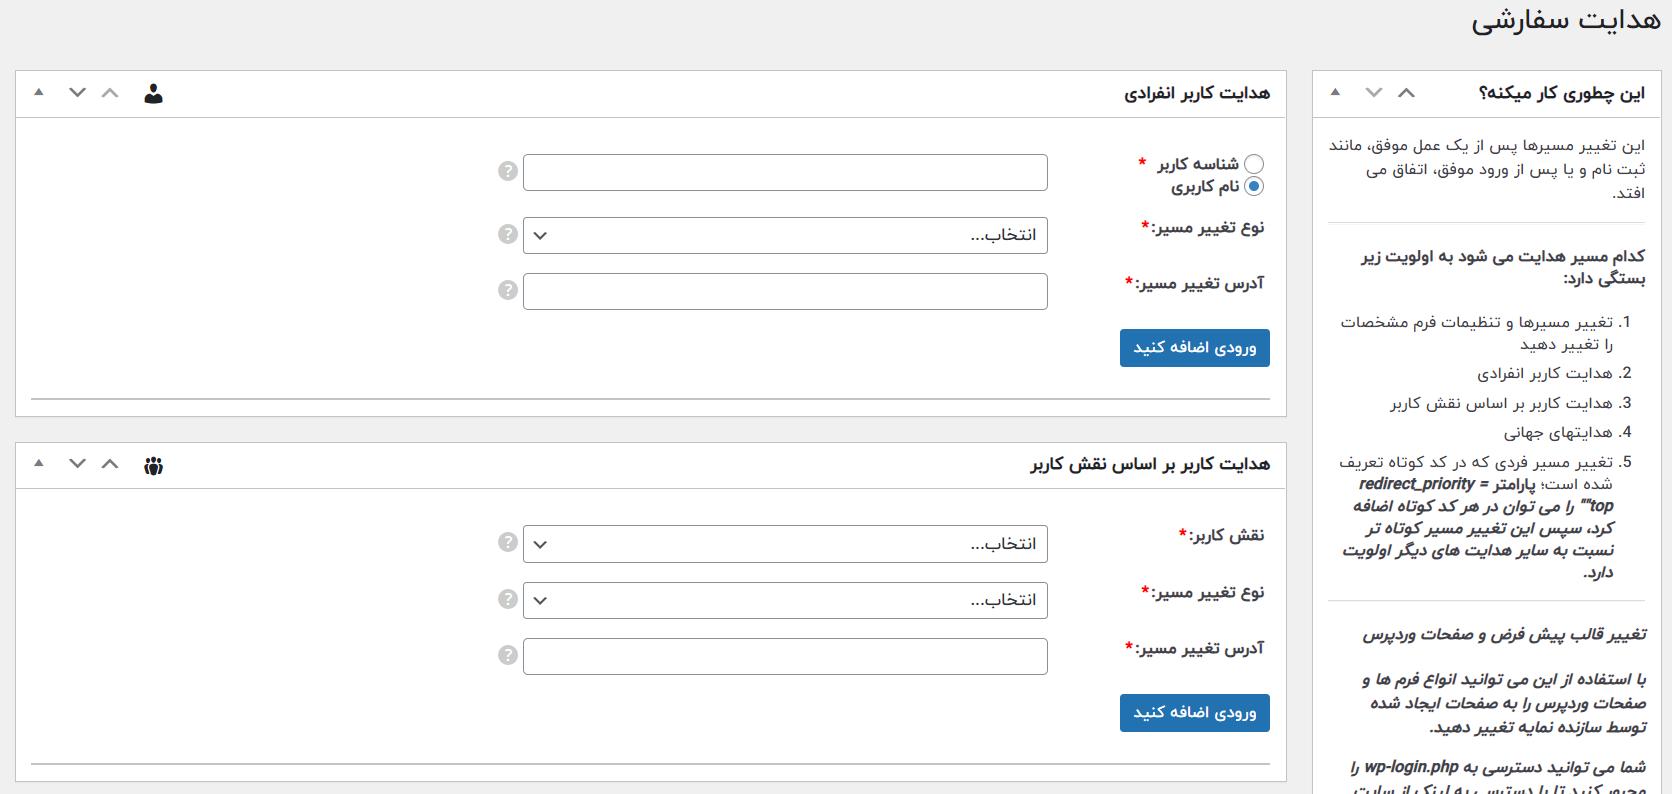 تغییر مسیر عضویت و ورود کاربر در افزونه پروفایل بیلدر